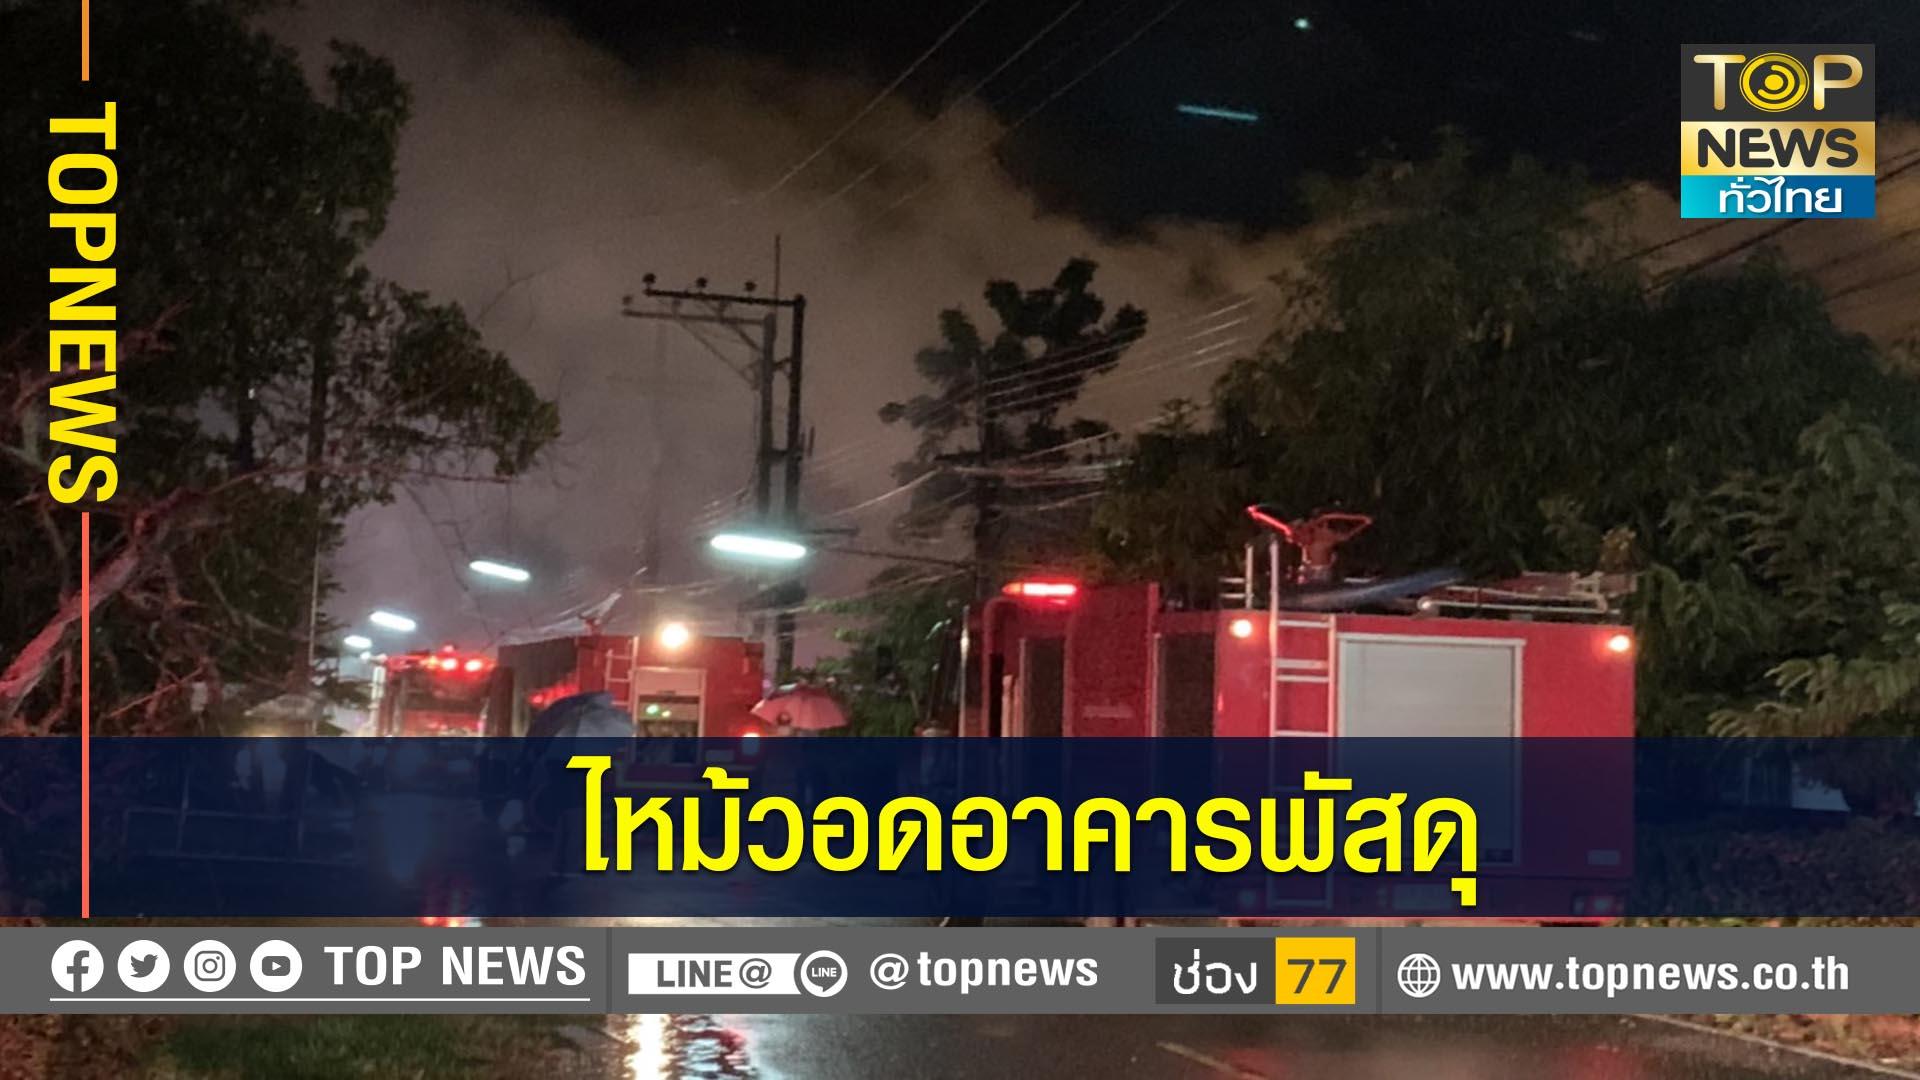 ไฟไหม้อาคารพัสดุสำนักงานชลประทานพัทลุงวอดทั้งหลัง